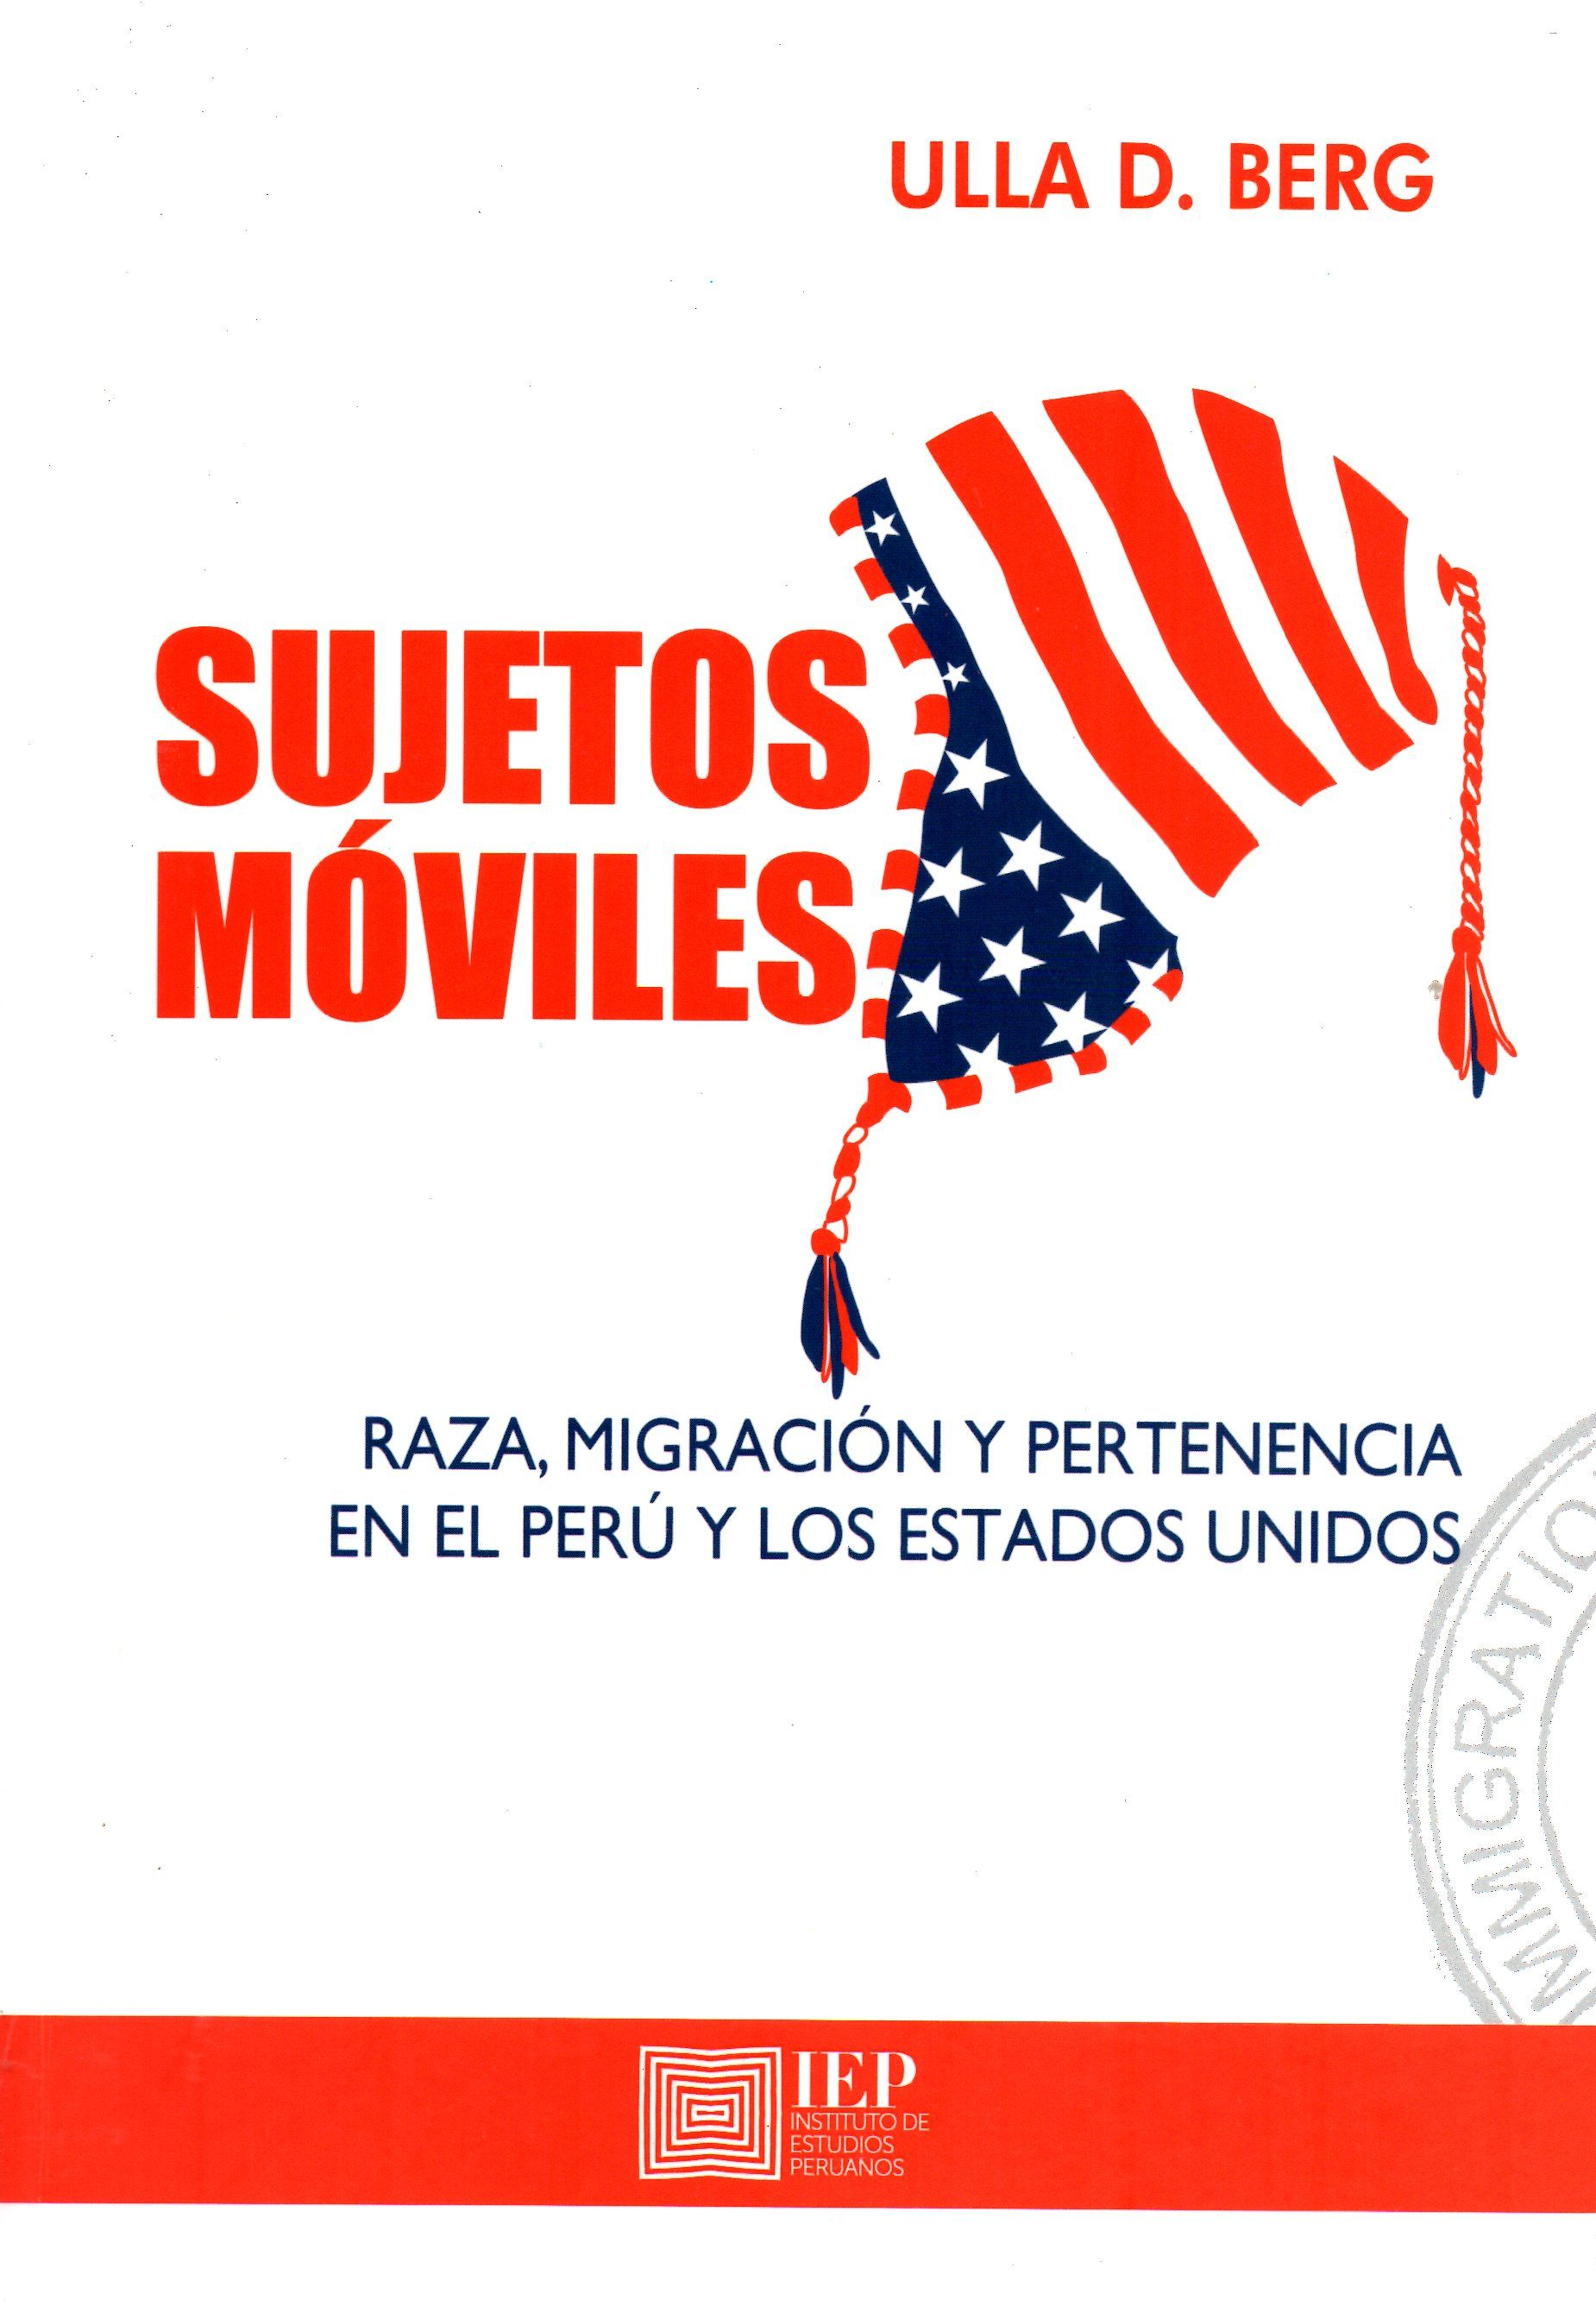 Sujetos móviles: raza, migración y pertenencia en el Perú y los Estados Unidos / Ulla D. Berg  (Instituto de Estudios Peruanos, 2016) / JV 7511 B39